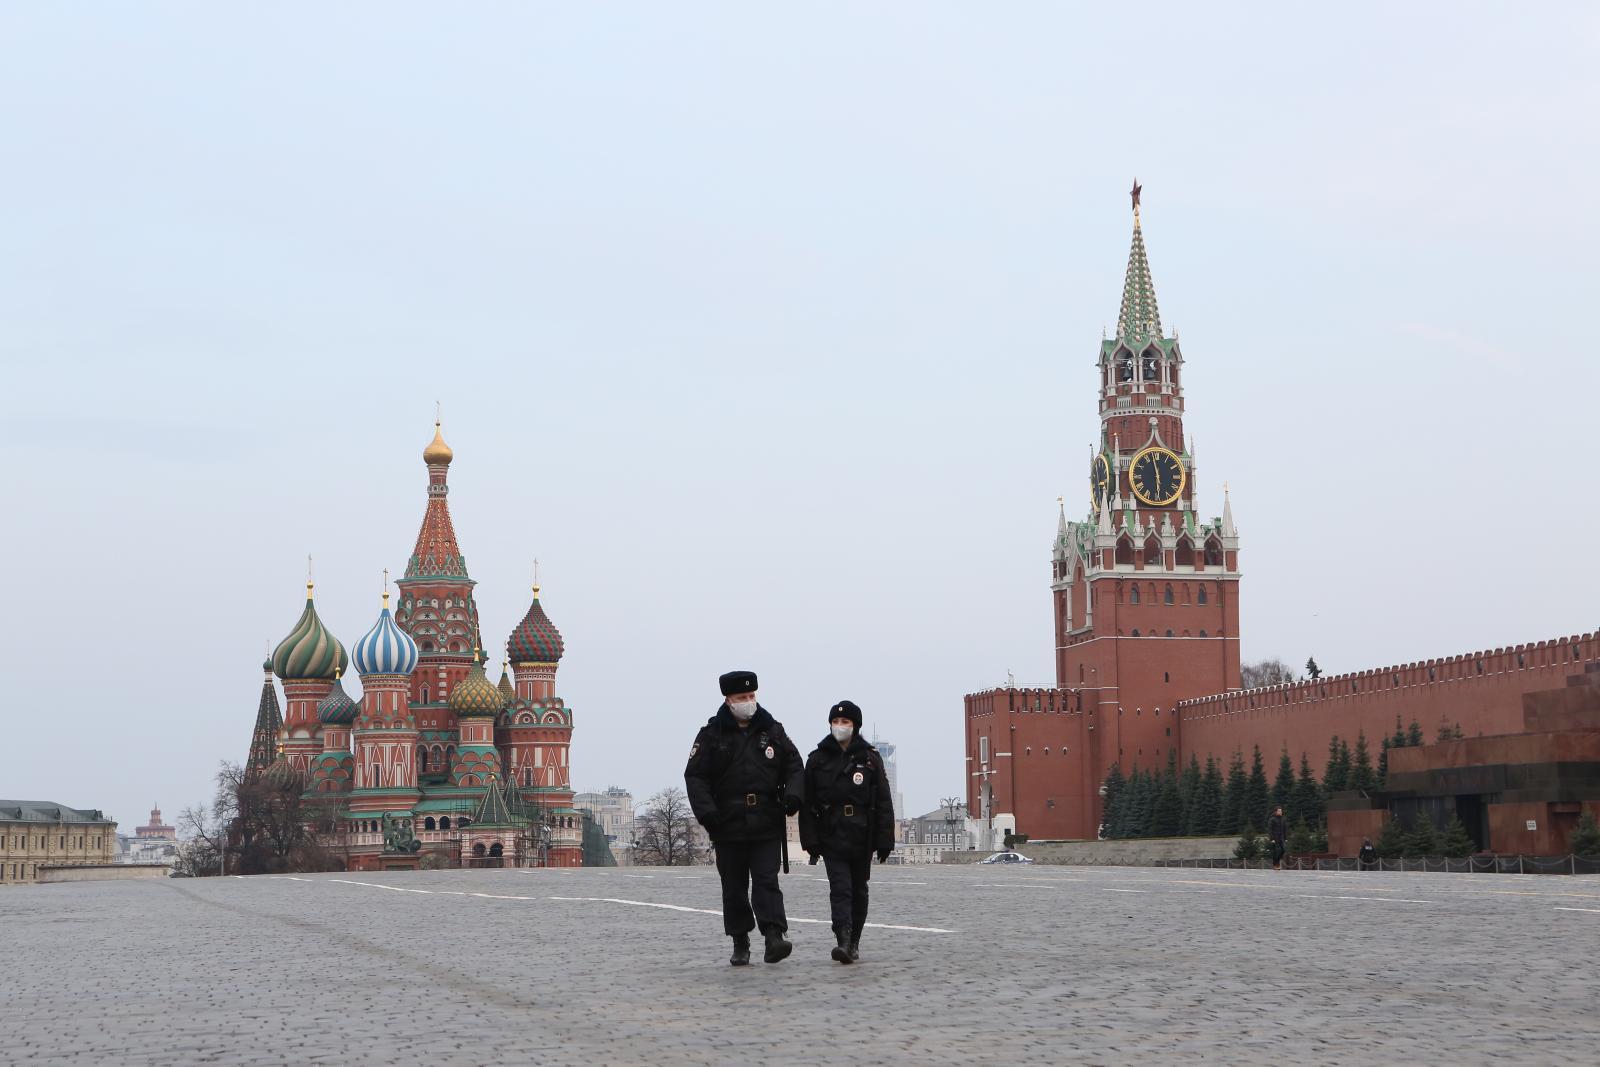 ไวรัสโคโรนา, โควิด-19, COVID-19, รัสเซีย, ข่าวต่างประเทศ